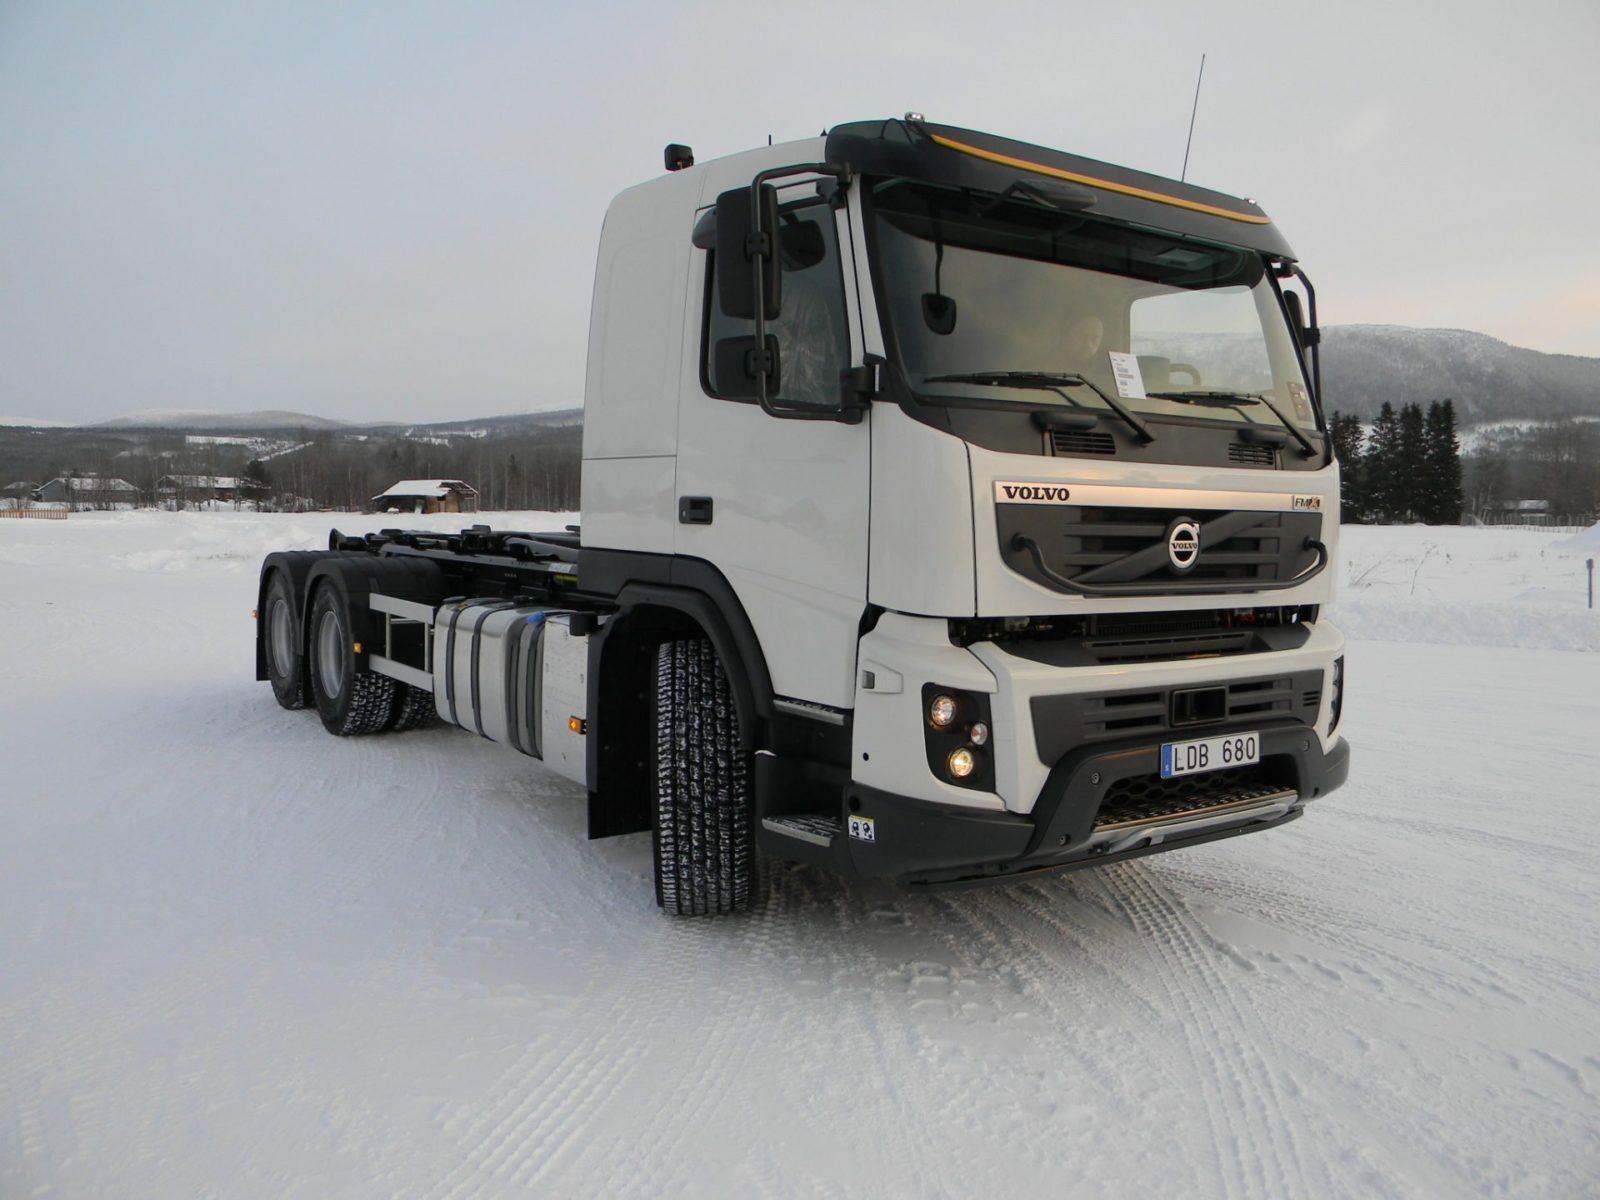 1051325-mora-mobillyft-16